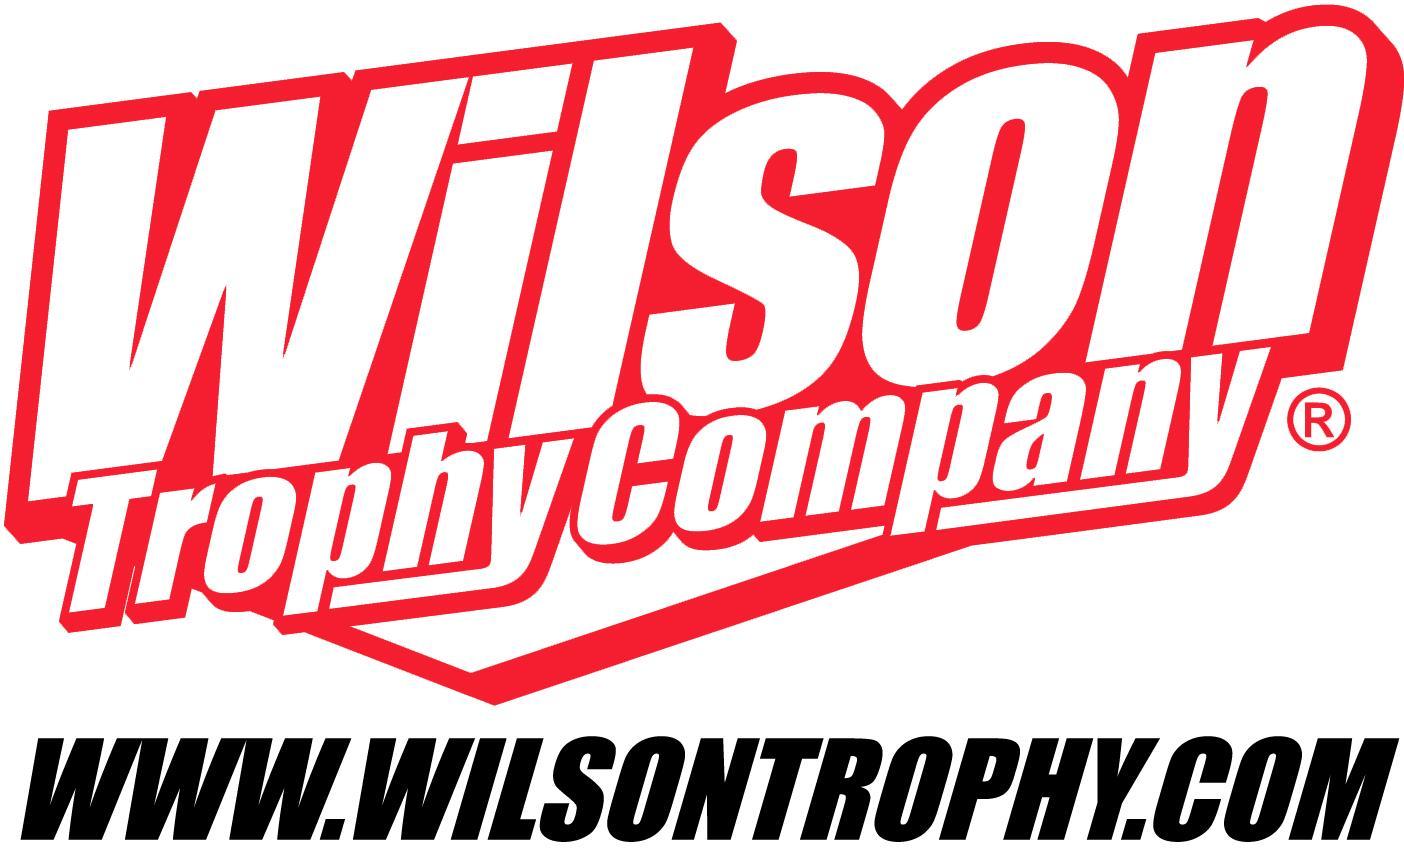 Wilson Trophy of California